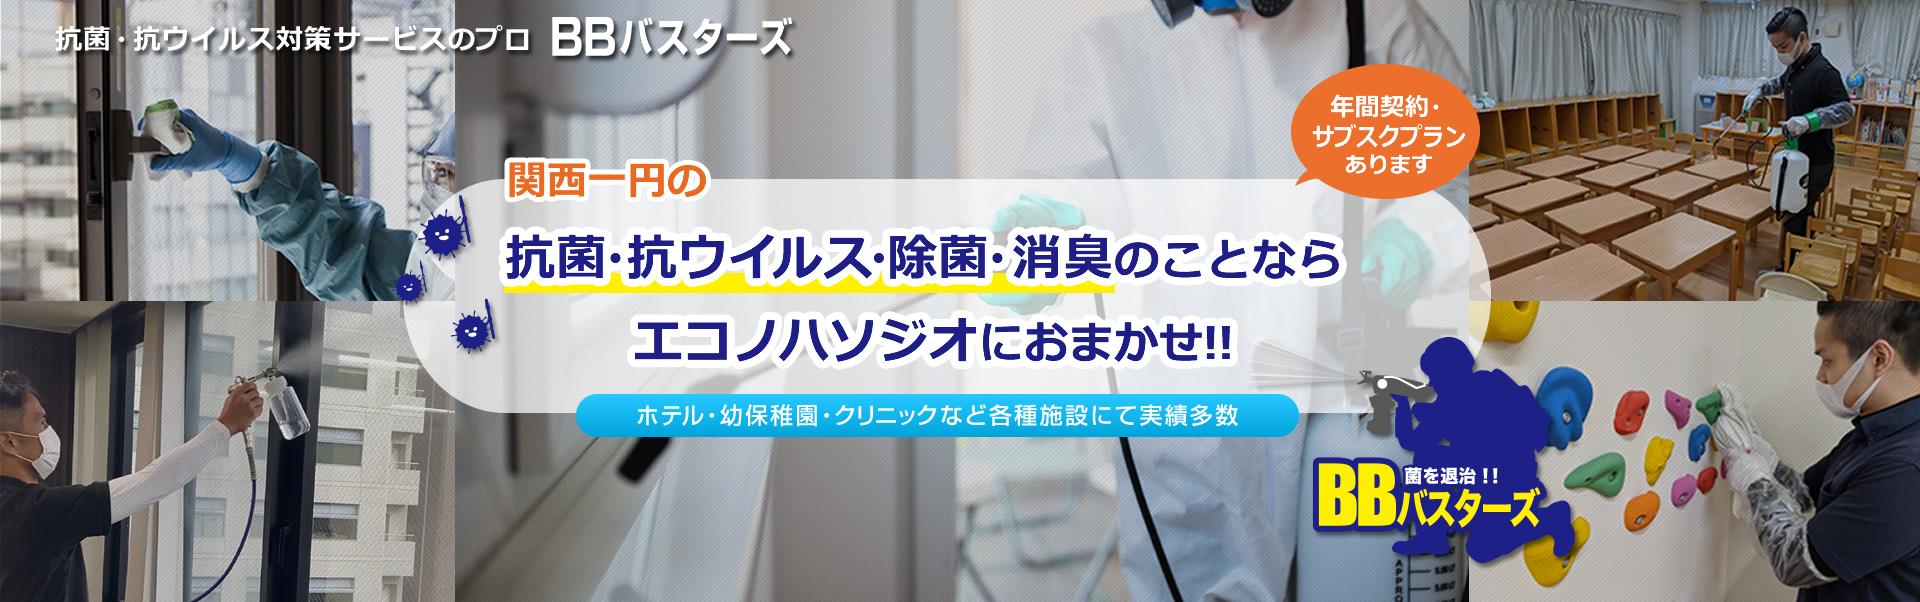 抗菌・抗ウィルス・除菌・消臭のことならエコノハソジオにおまかせ!!